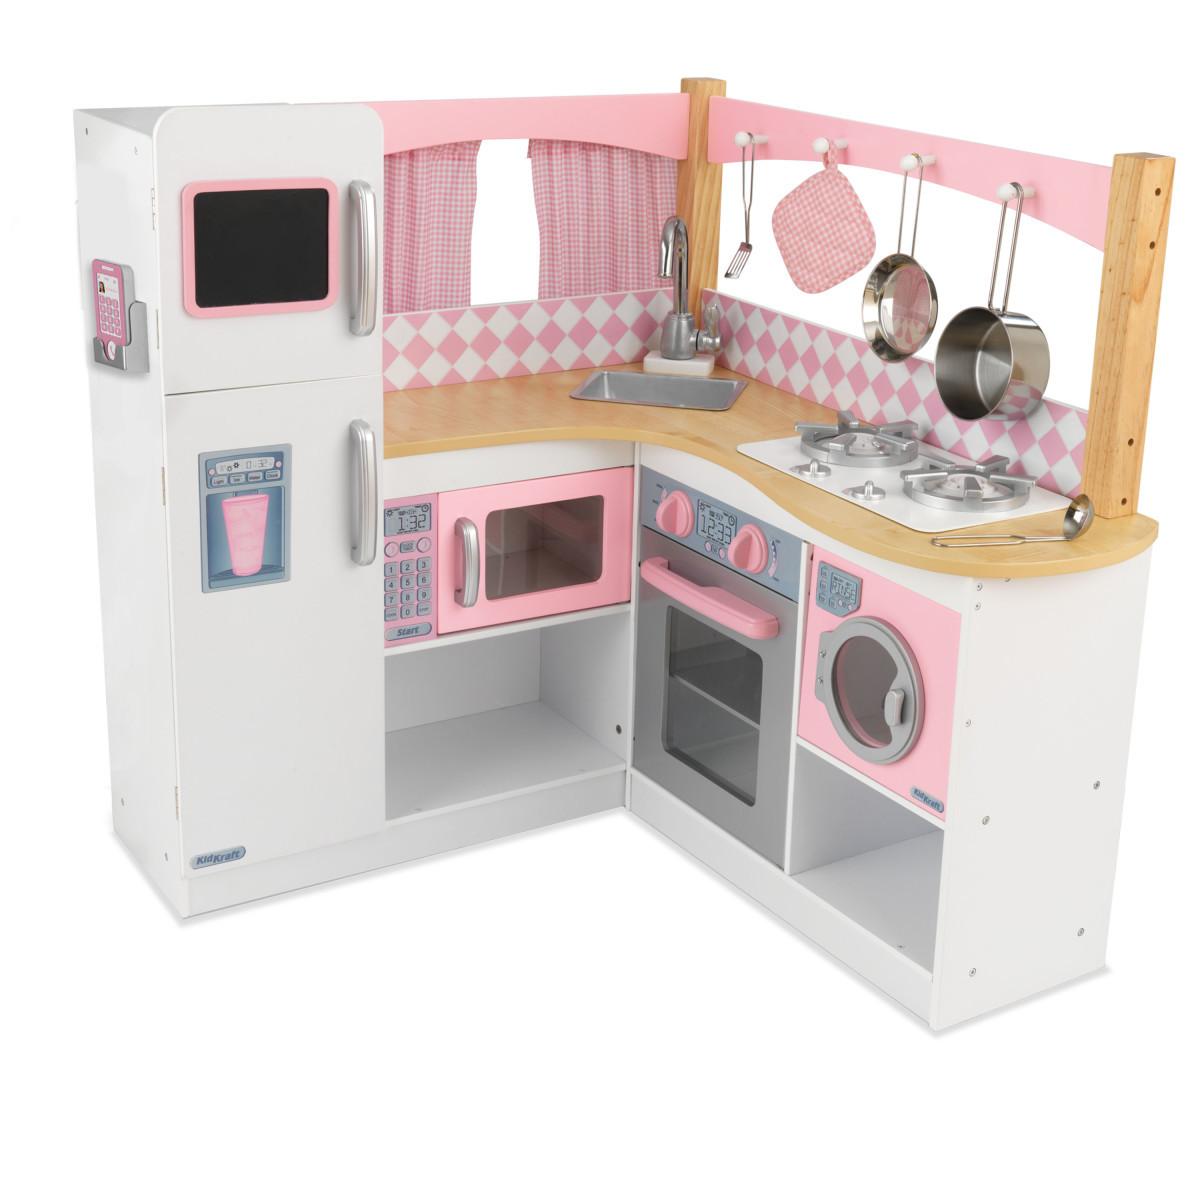 Кухня угловая игрушечная KidKraft 53185. Кухня для детей, фото 1